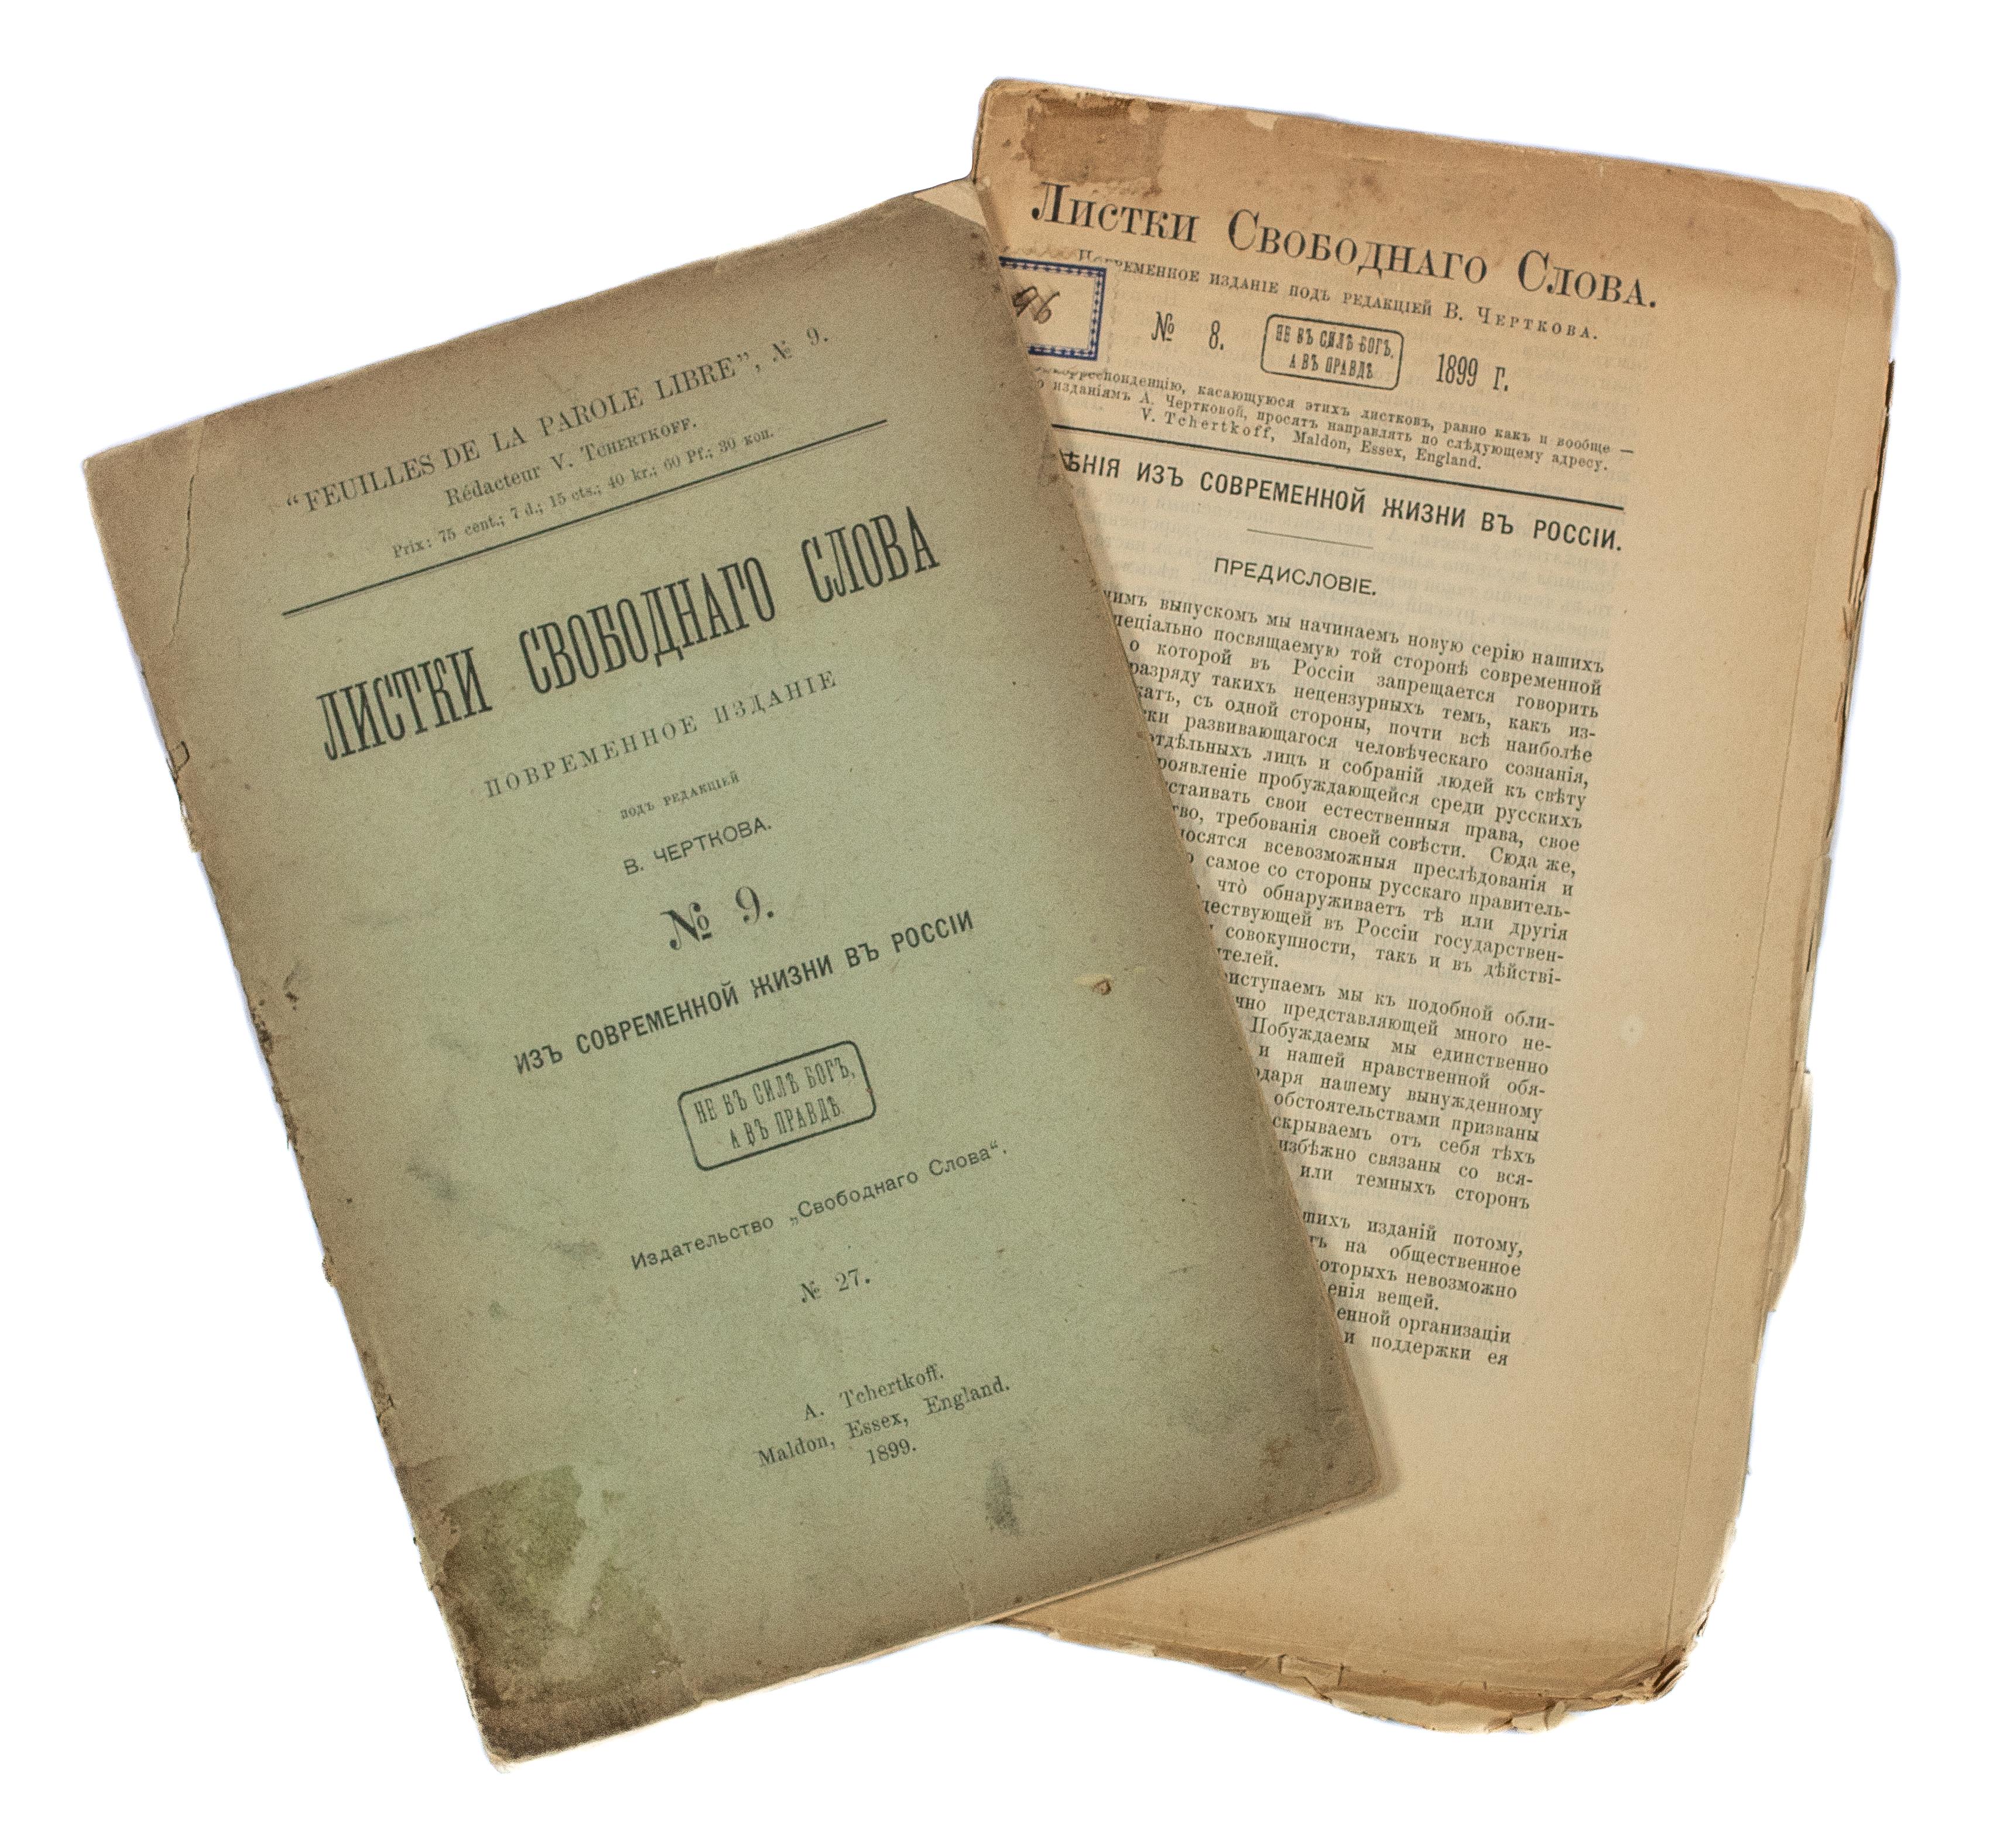 Lot 466 - Feuilles de la parole libre. Maldon, A. Tchertkoff, 1899. n° n° 8, 9. 2 vol. [...]